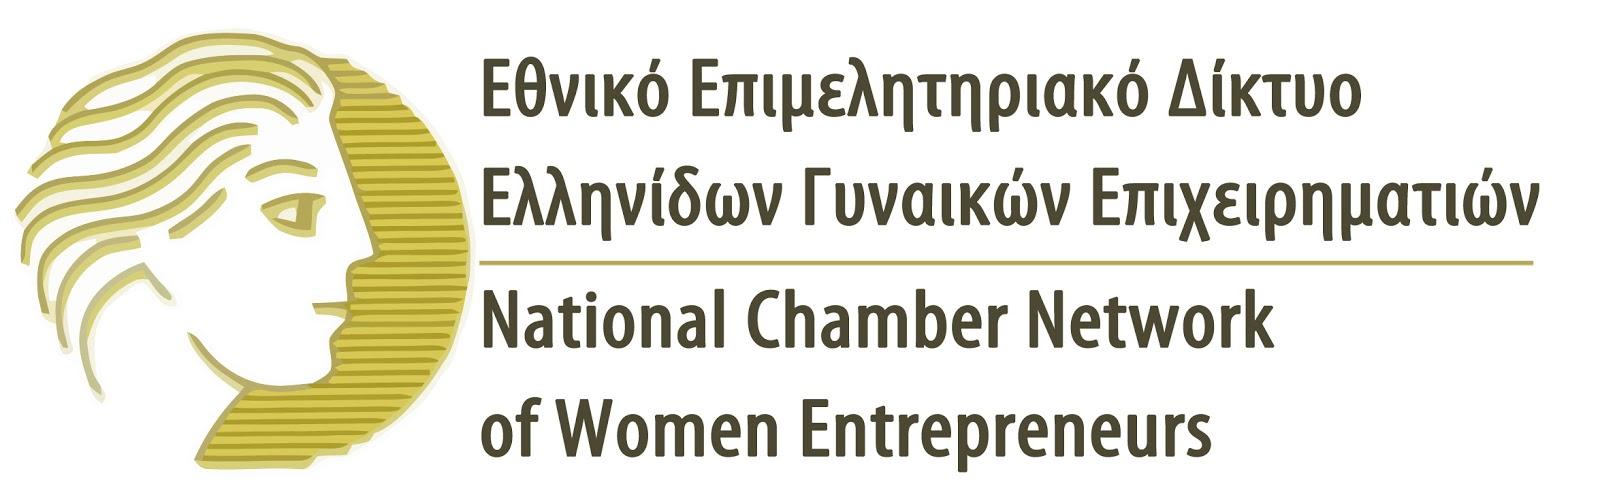 Το ΕΕΔΕΓΕ υποστηρίζει επιχειρήσεις